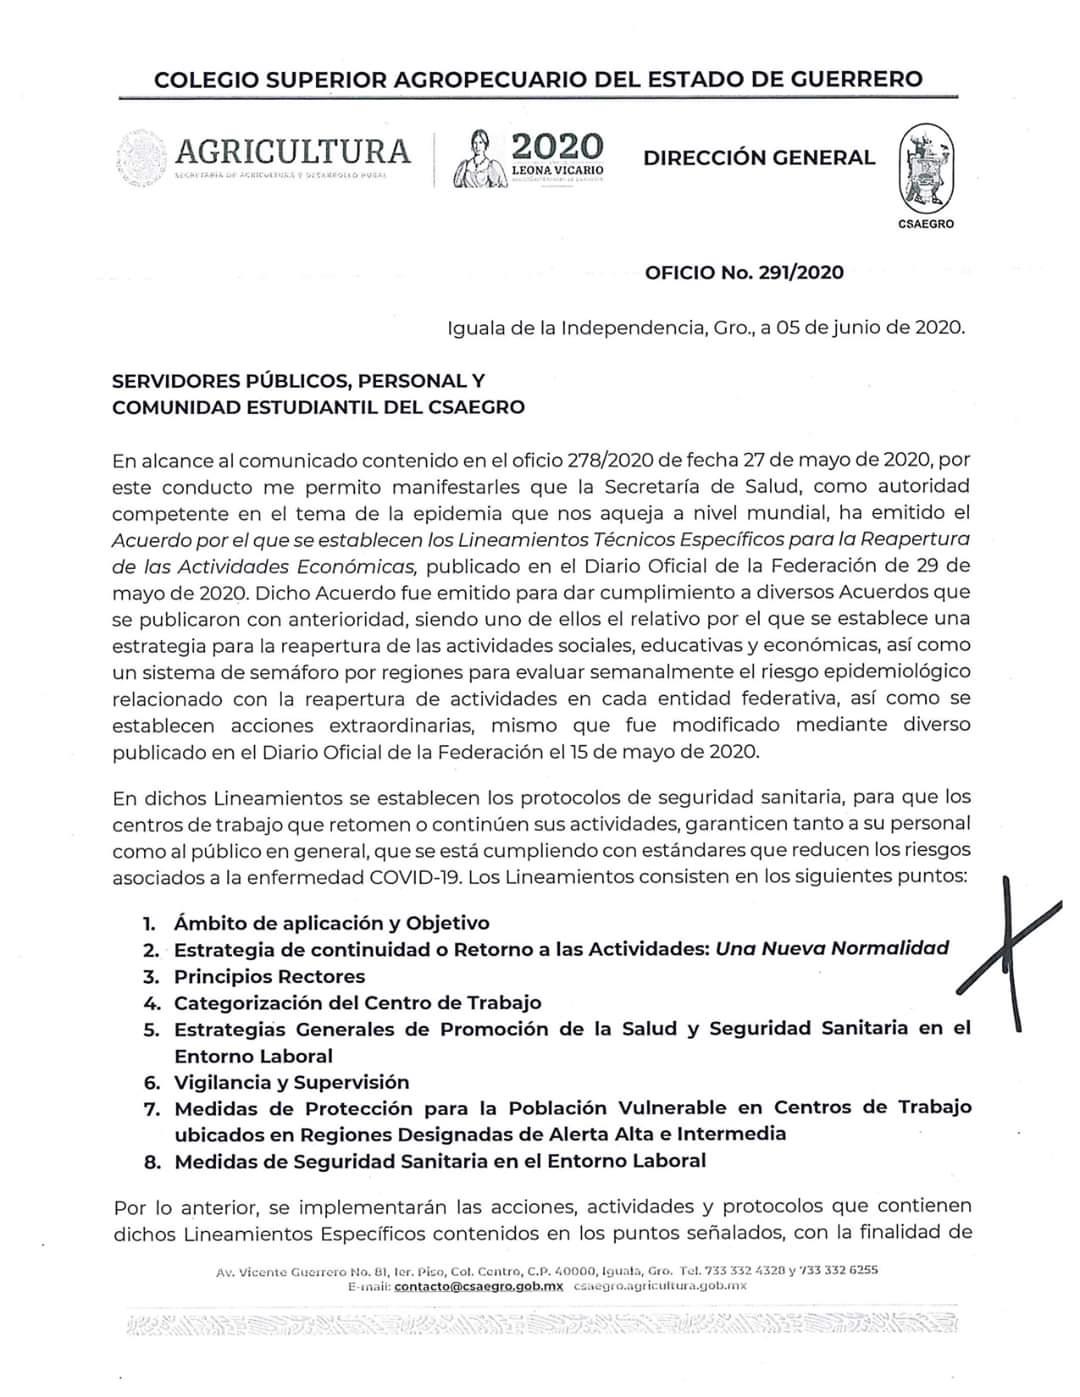 Oficio No.291/2020 Comunicado a Servidores Públicos, Personal y Comunidad Estudiantil del CSAEGRO(1)